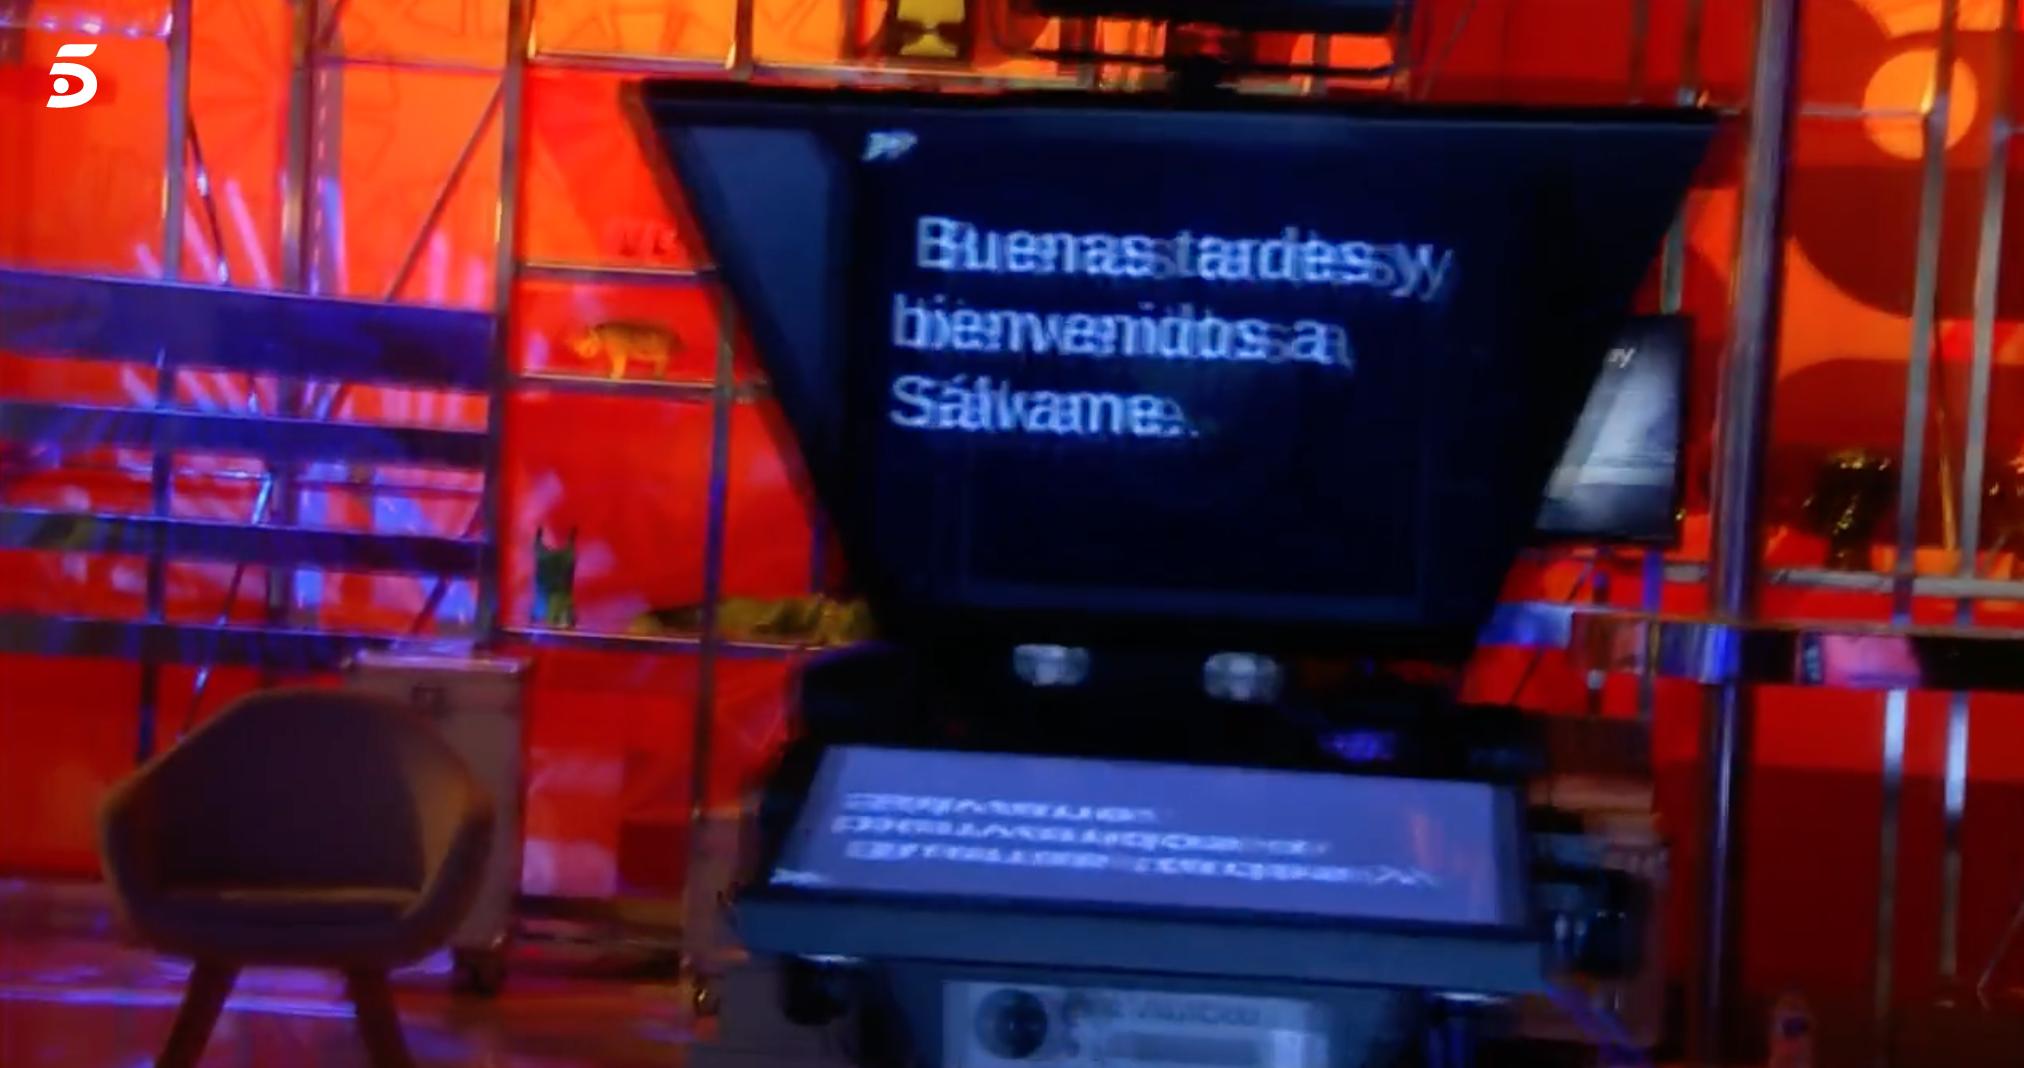 Inici del programa 'Sálvame' sense presentador | Telecinco